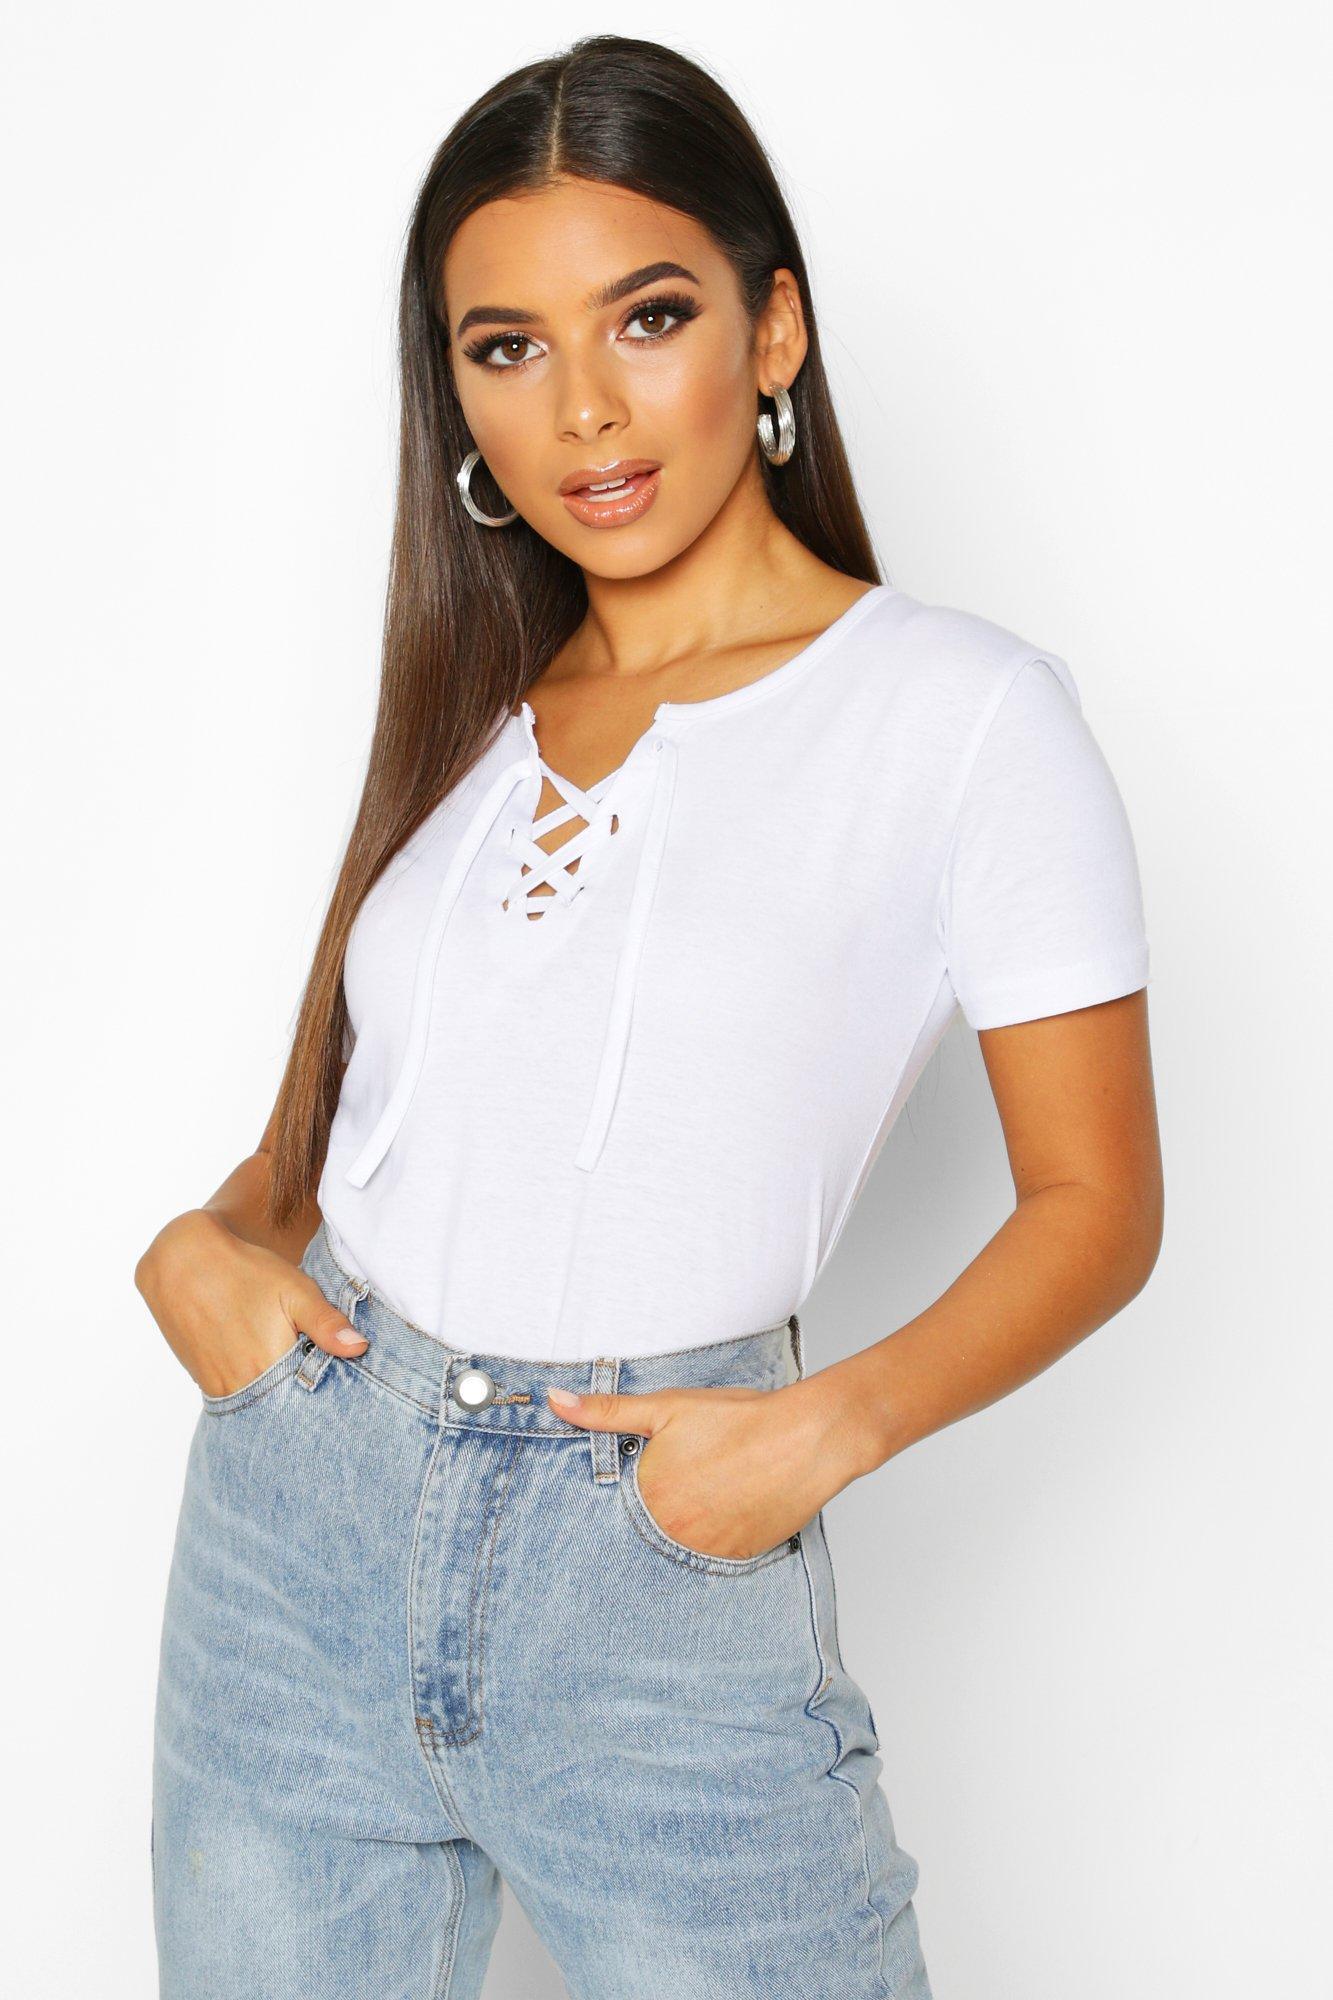 Womens T-Shirt mit Schnürung - Weiß - 34, Weiß - Boohoo.com